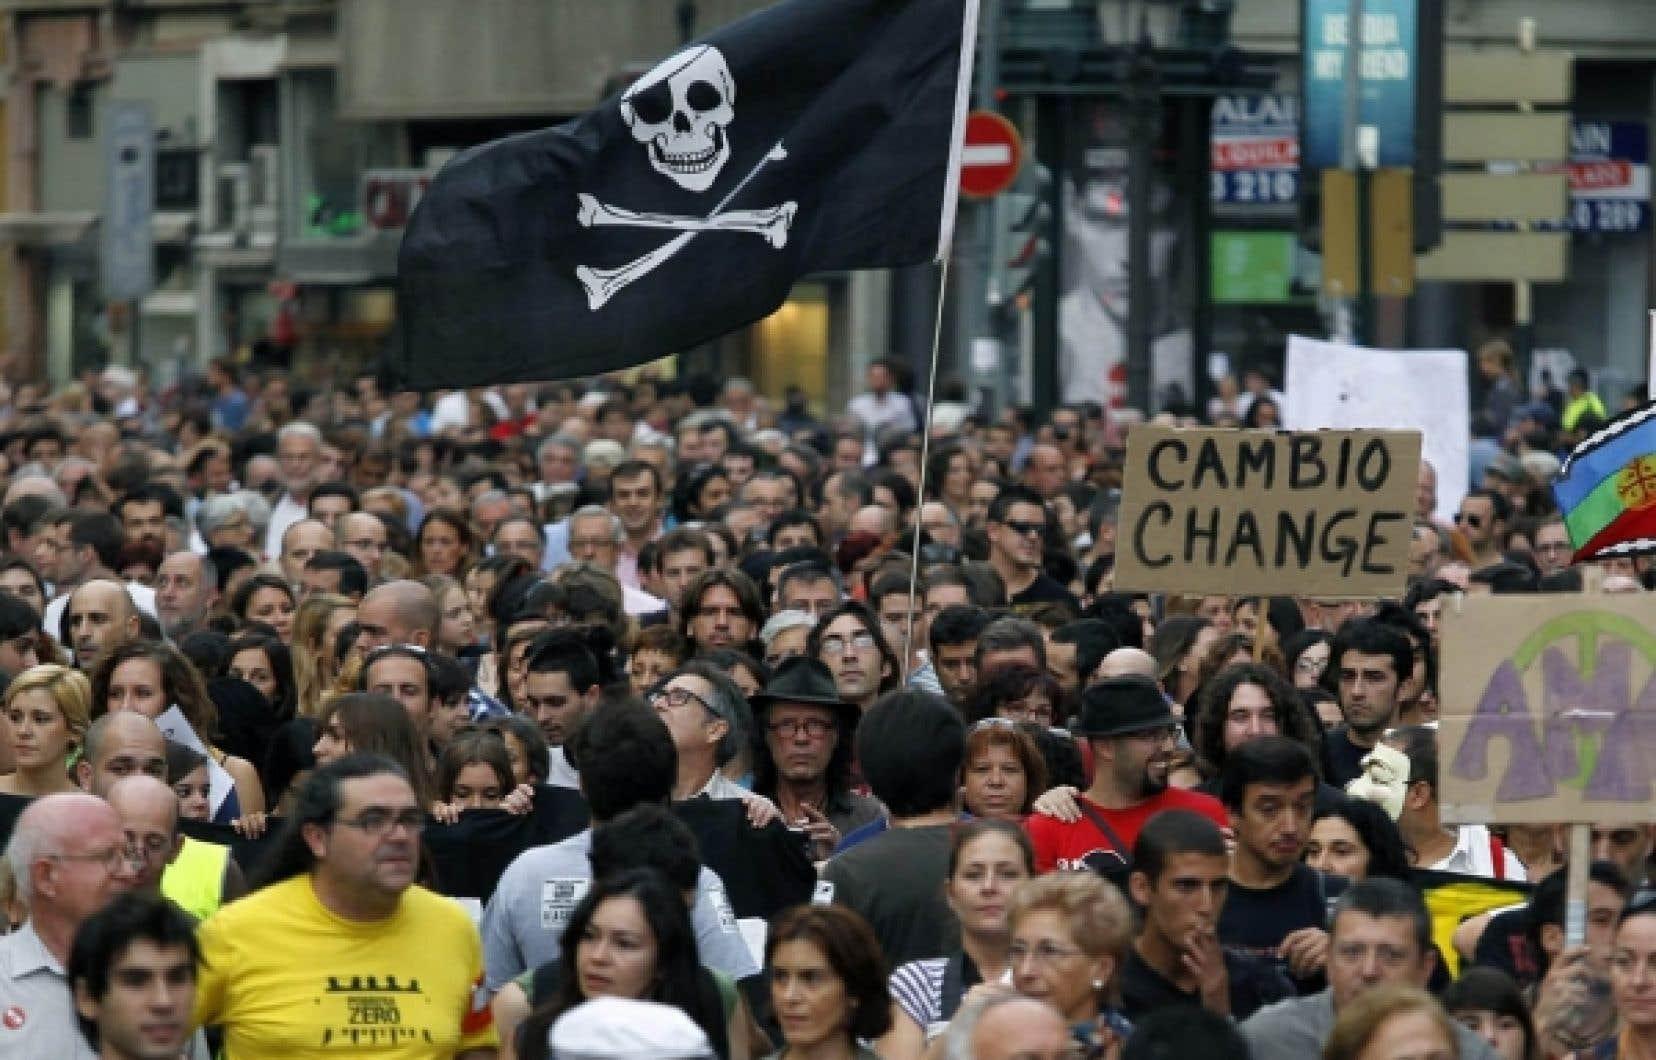 La col&egrave;re populaire, exprim&eacute;e sur notre photo par le mouvement de contestation des<em> &laquo;indignados&raquo;</em> espagnols en octobre dernier, incarnerait une menace pour la croissance mondiale, selon le forum de Davos.<br />